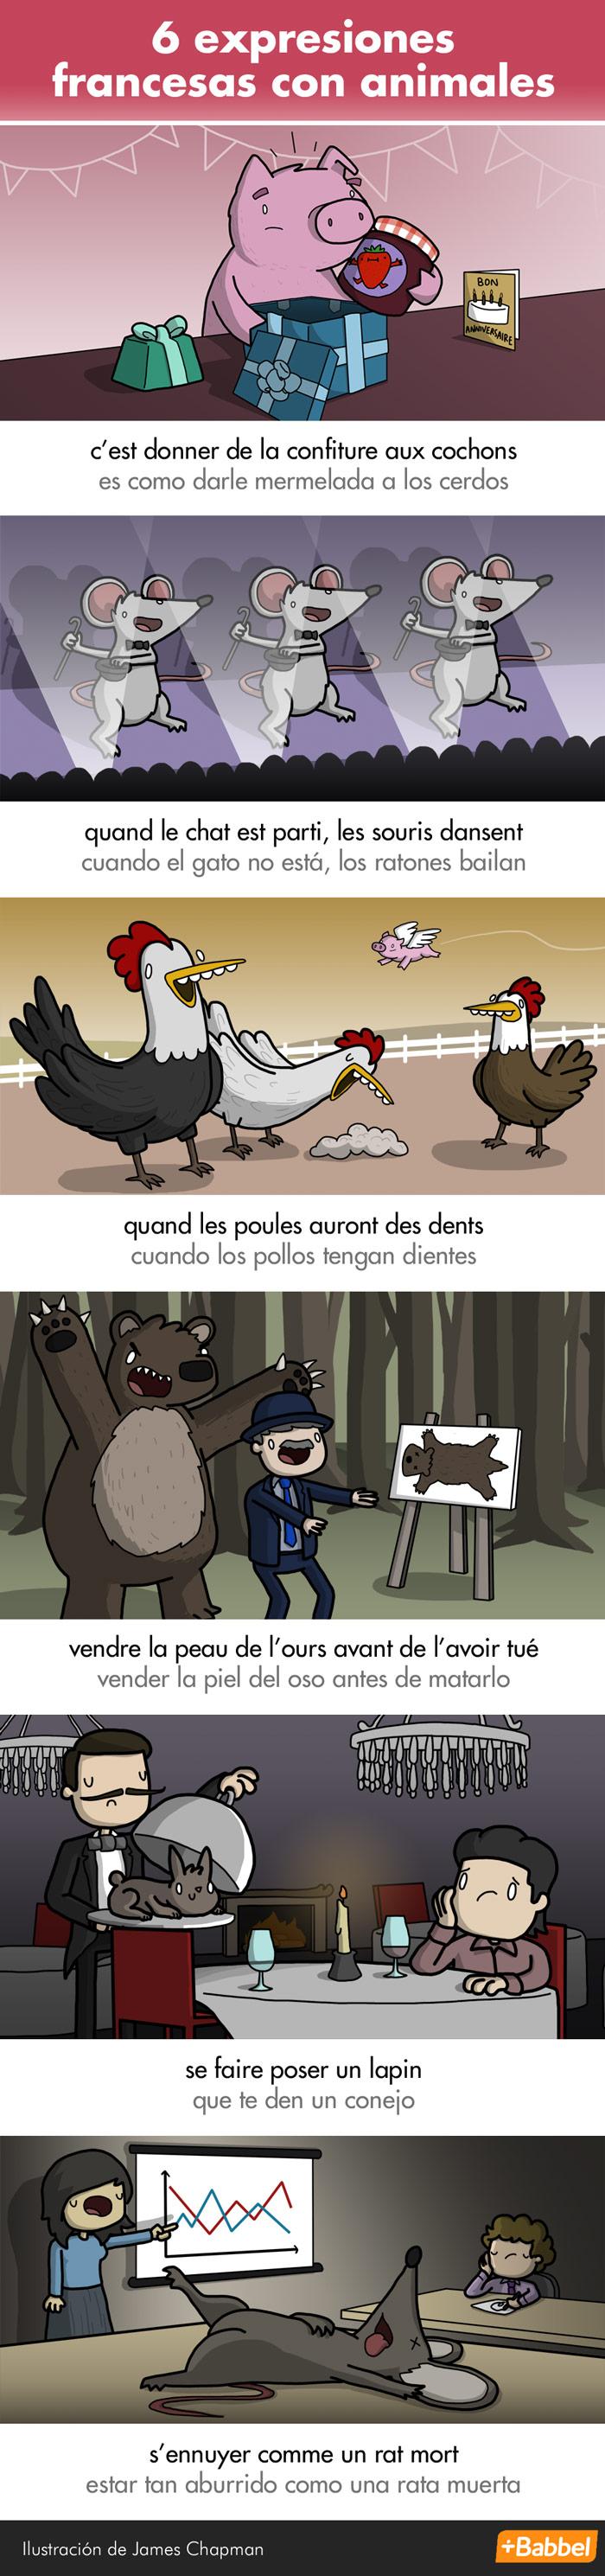 Extrañas y maravillosas expresiones francesas con animales